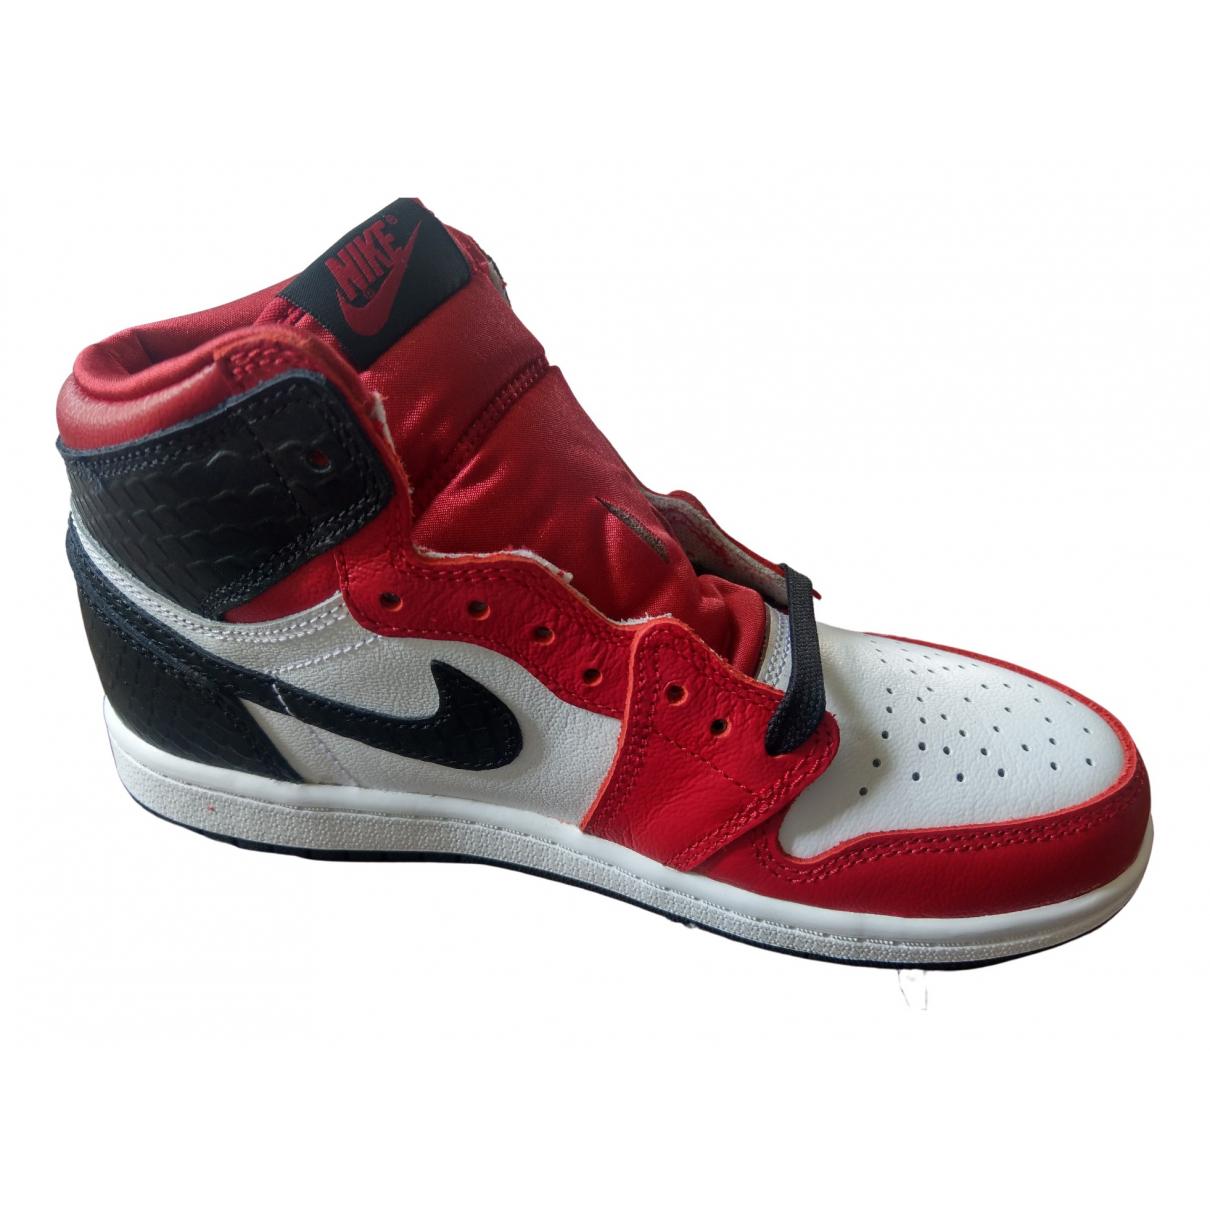 Jordan Air Jordan 1  Red Leather Trainers for Kids 35 FR